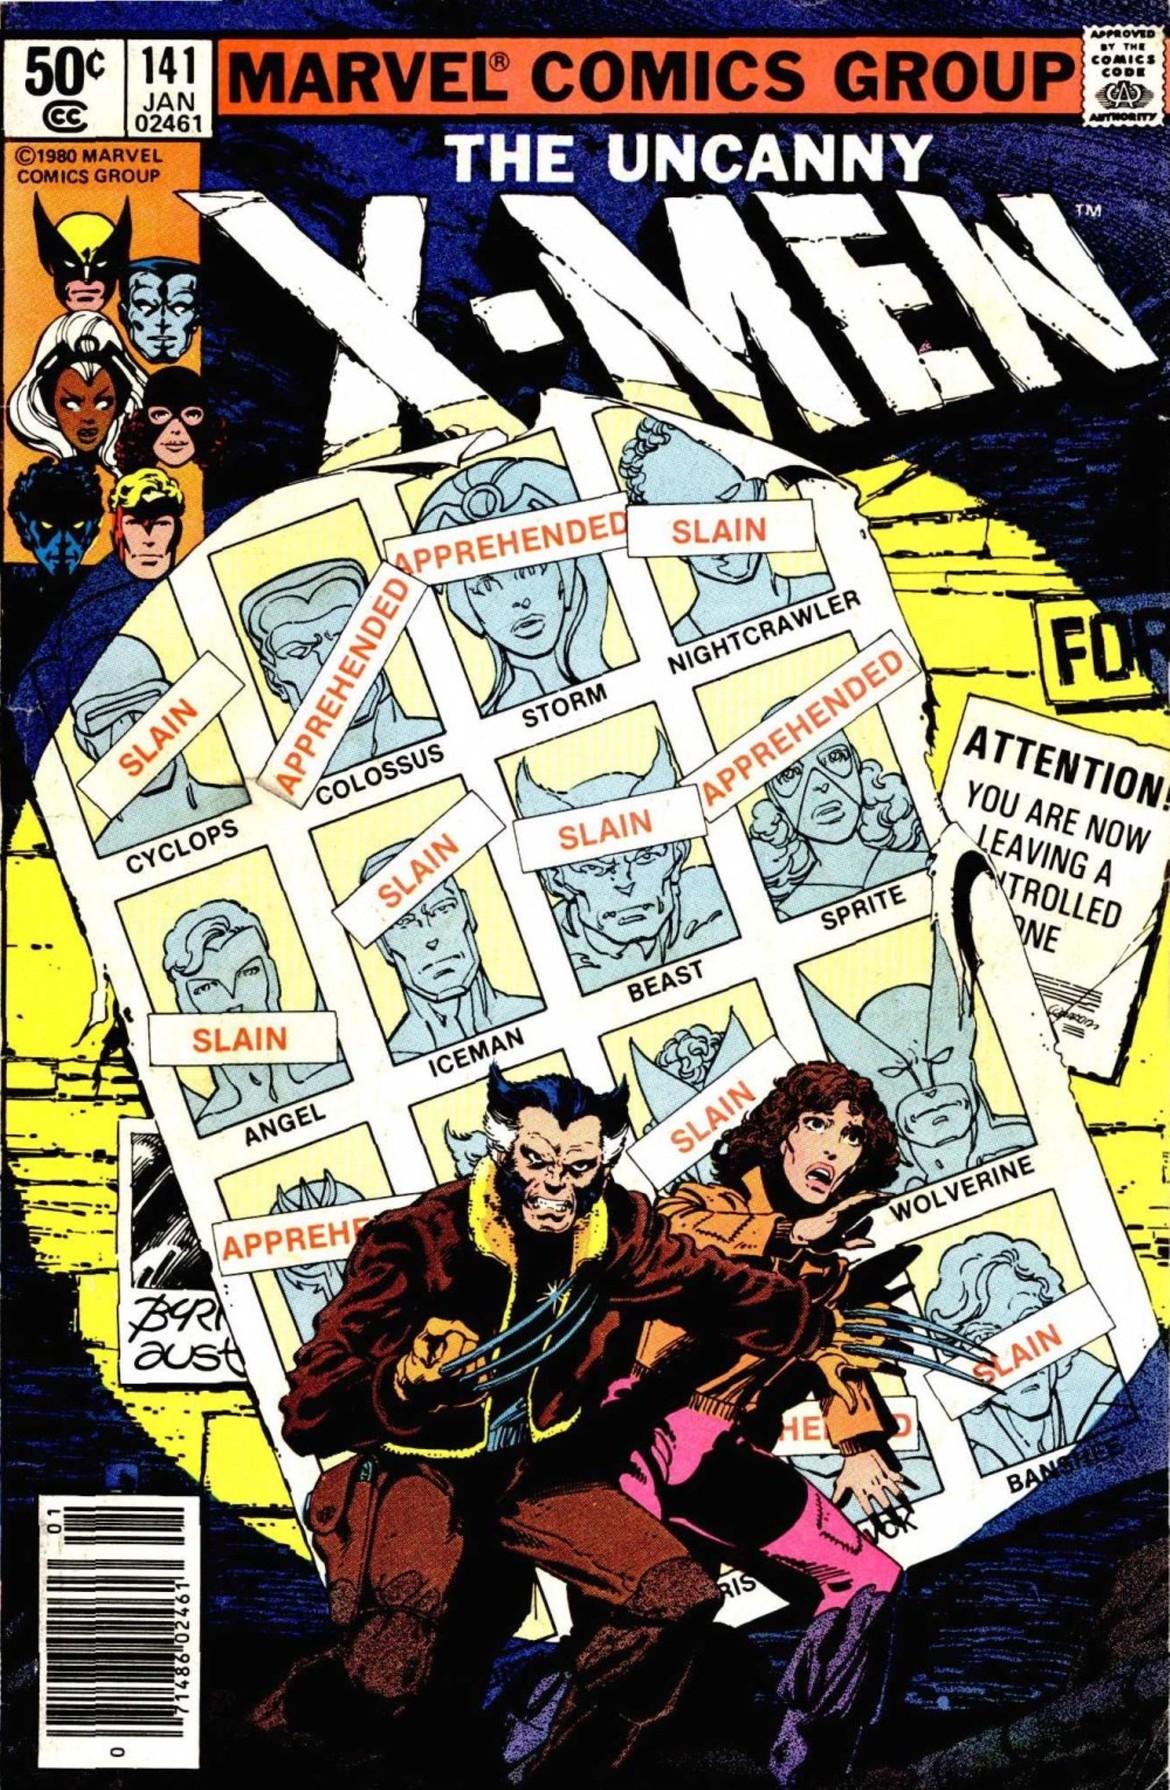 Uncanny X-Men 141 (Custom).jpg